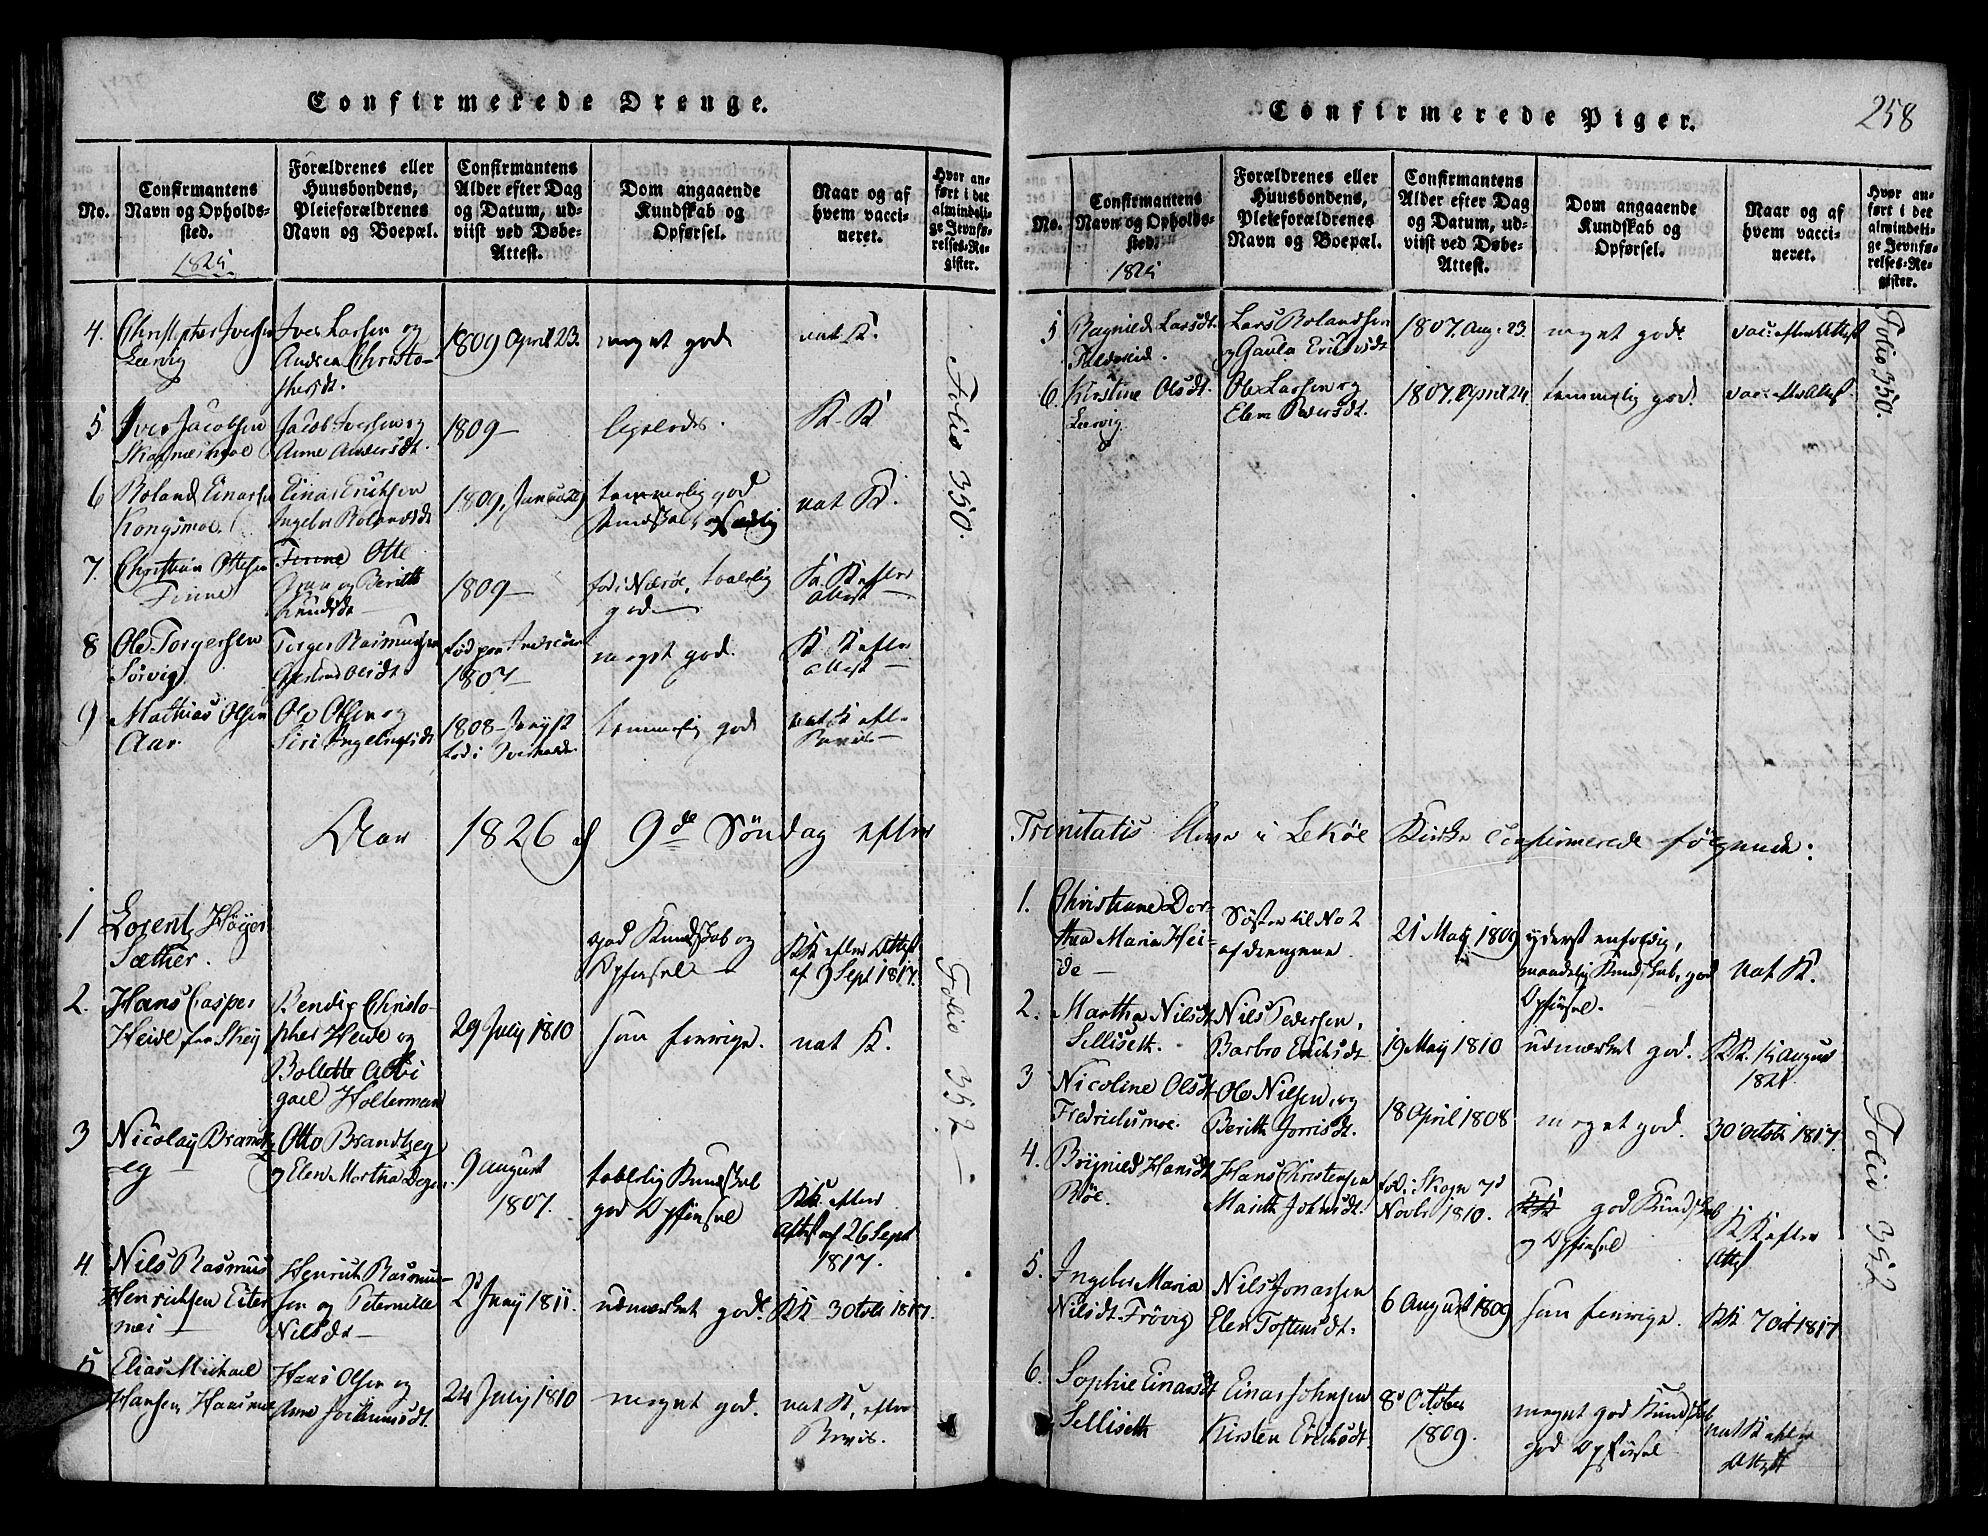 SAT, Ministerialprotokoller, klokkerbøker og fødselsregistre - Nord-Trøndelag, 780/L0636: Ministerialbok nr. 780A03 /1, 1815-1830, s. 258